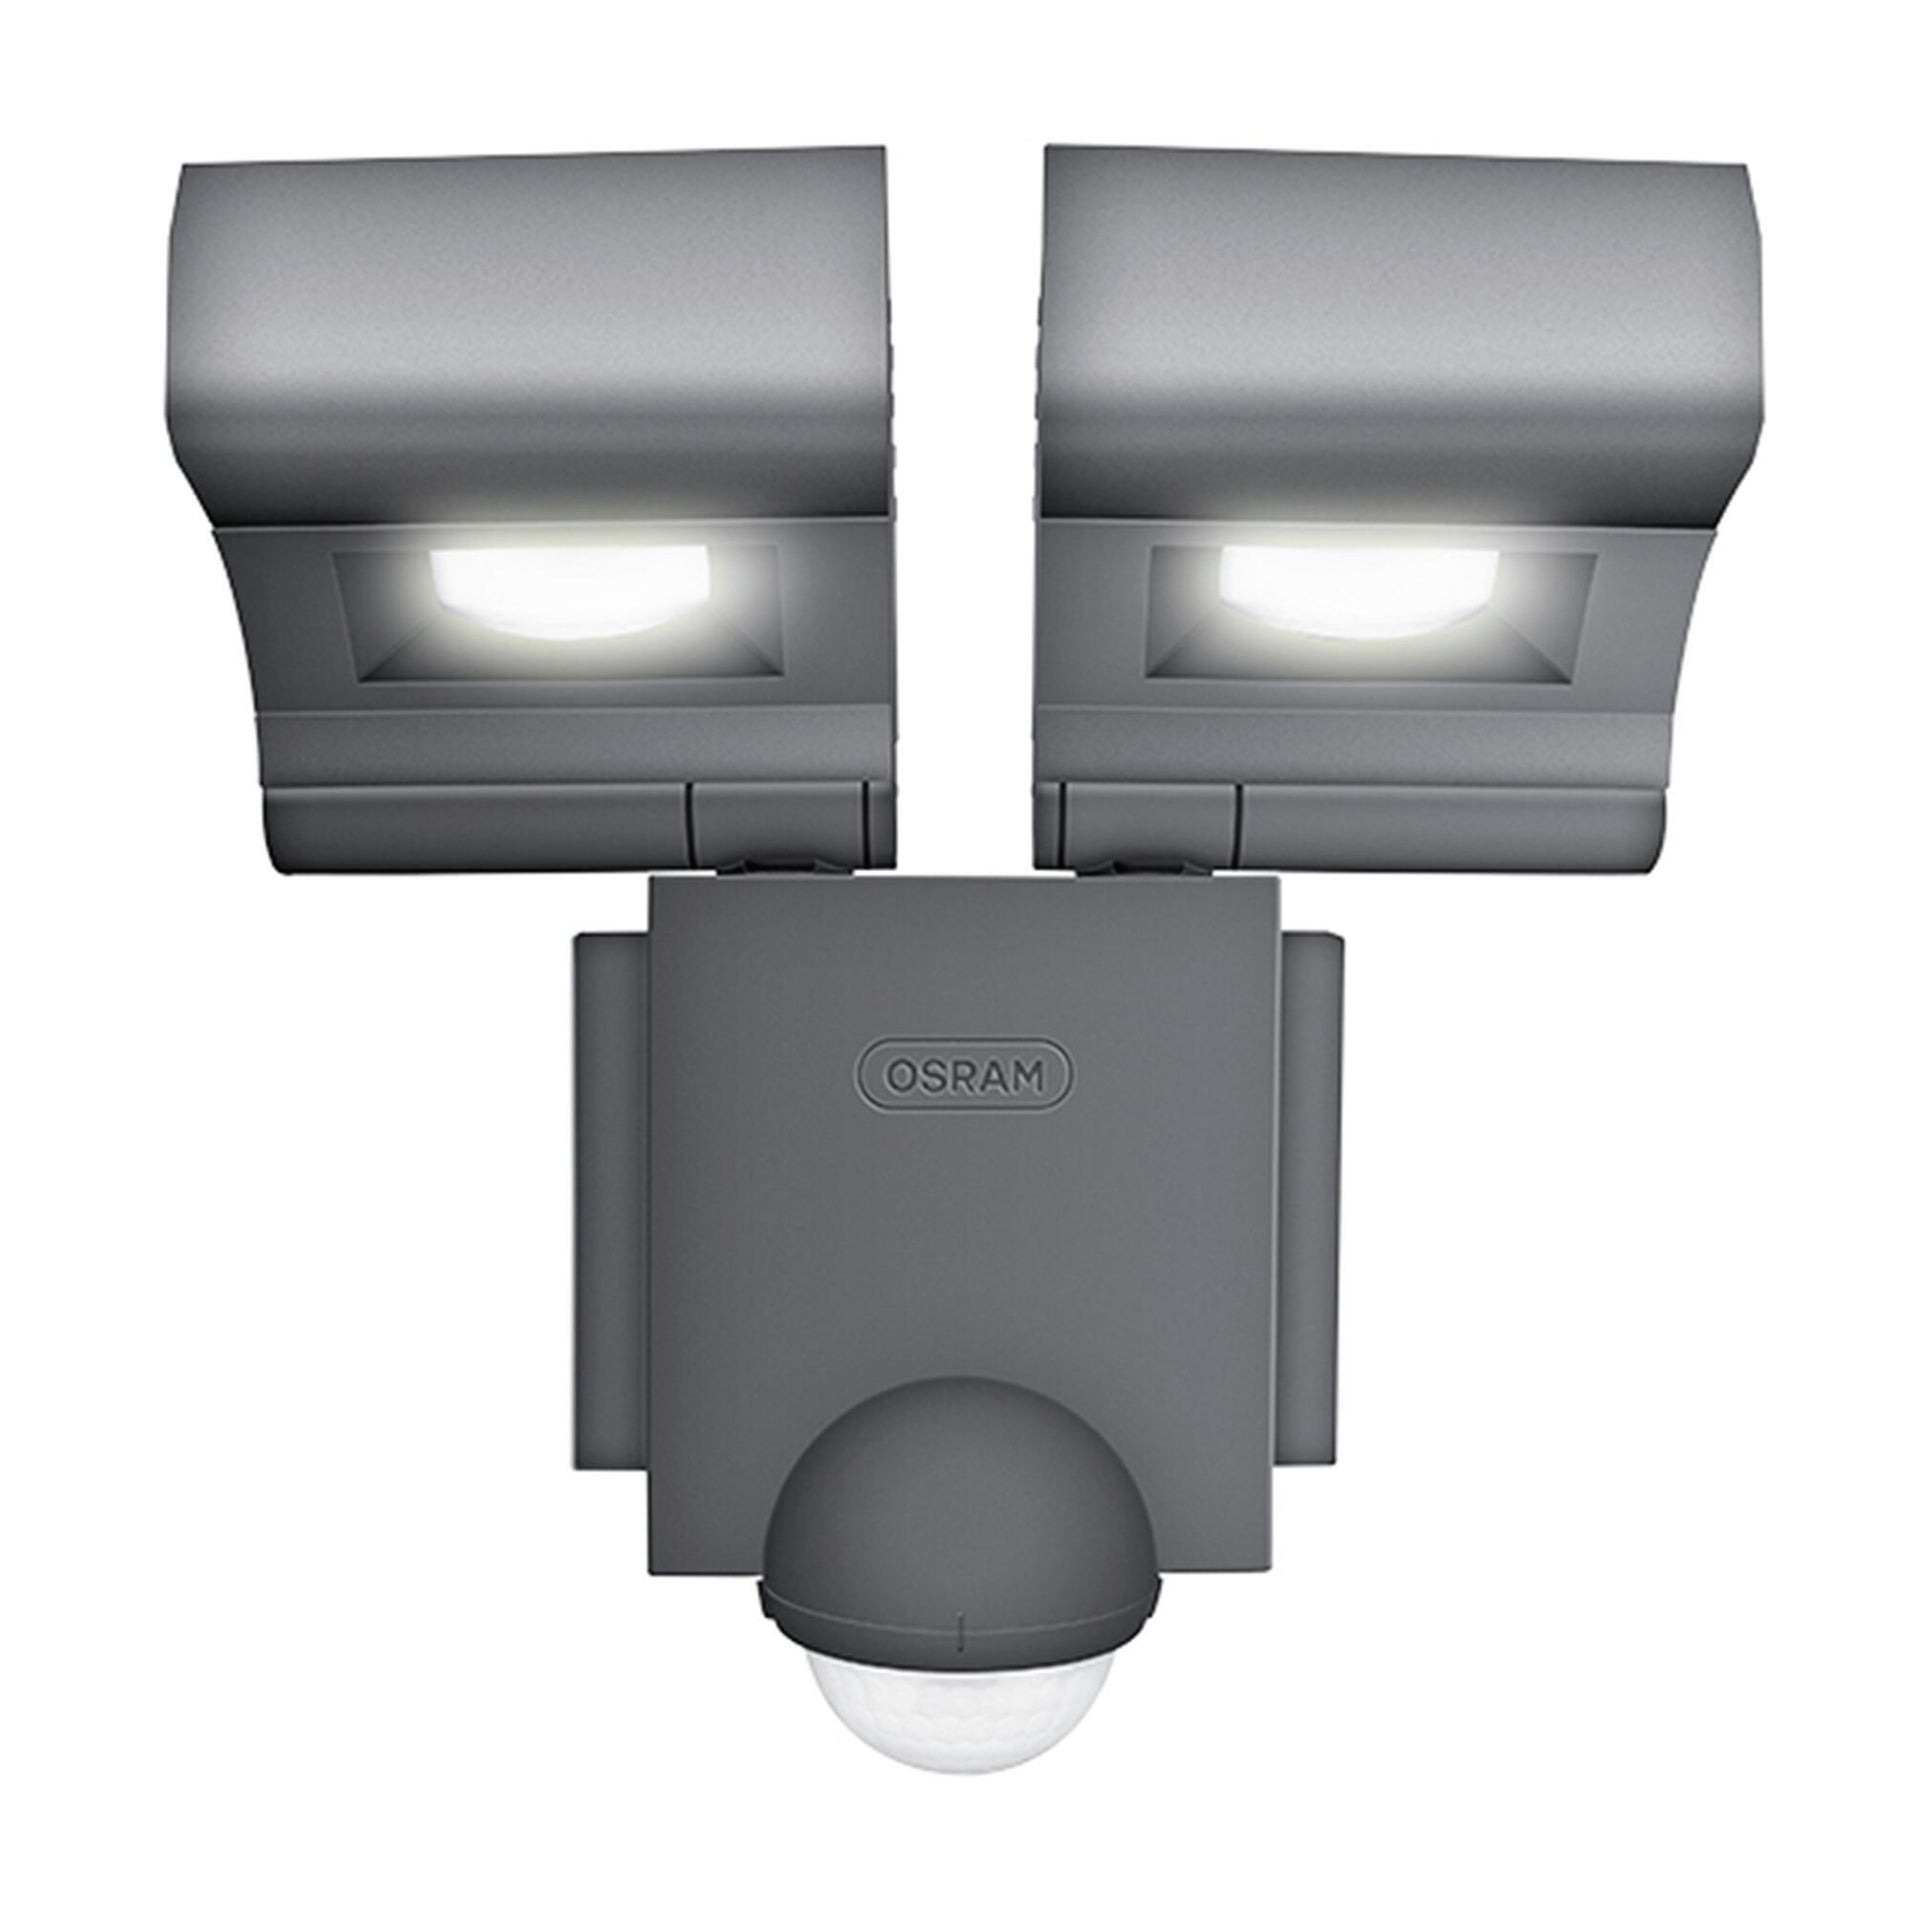 Proiettore LED integrato con sensore di movimento Noxlite in alluminio, grigio, 8W 1720LM IP44 OSRAM - 6